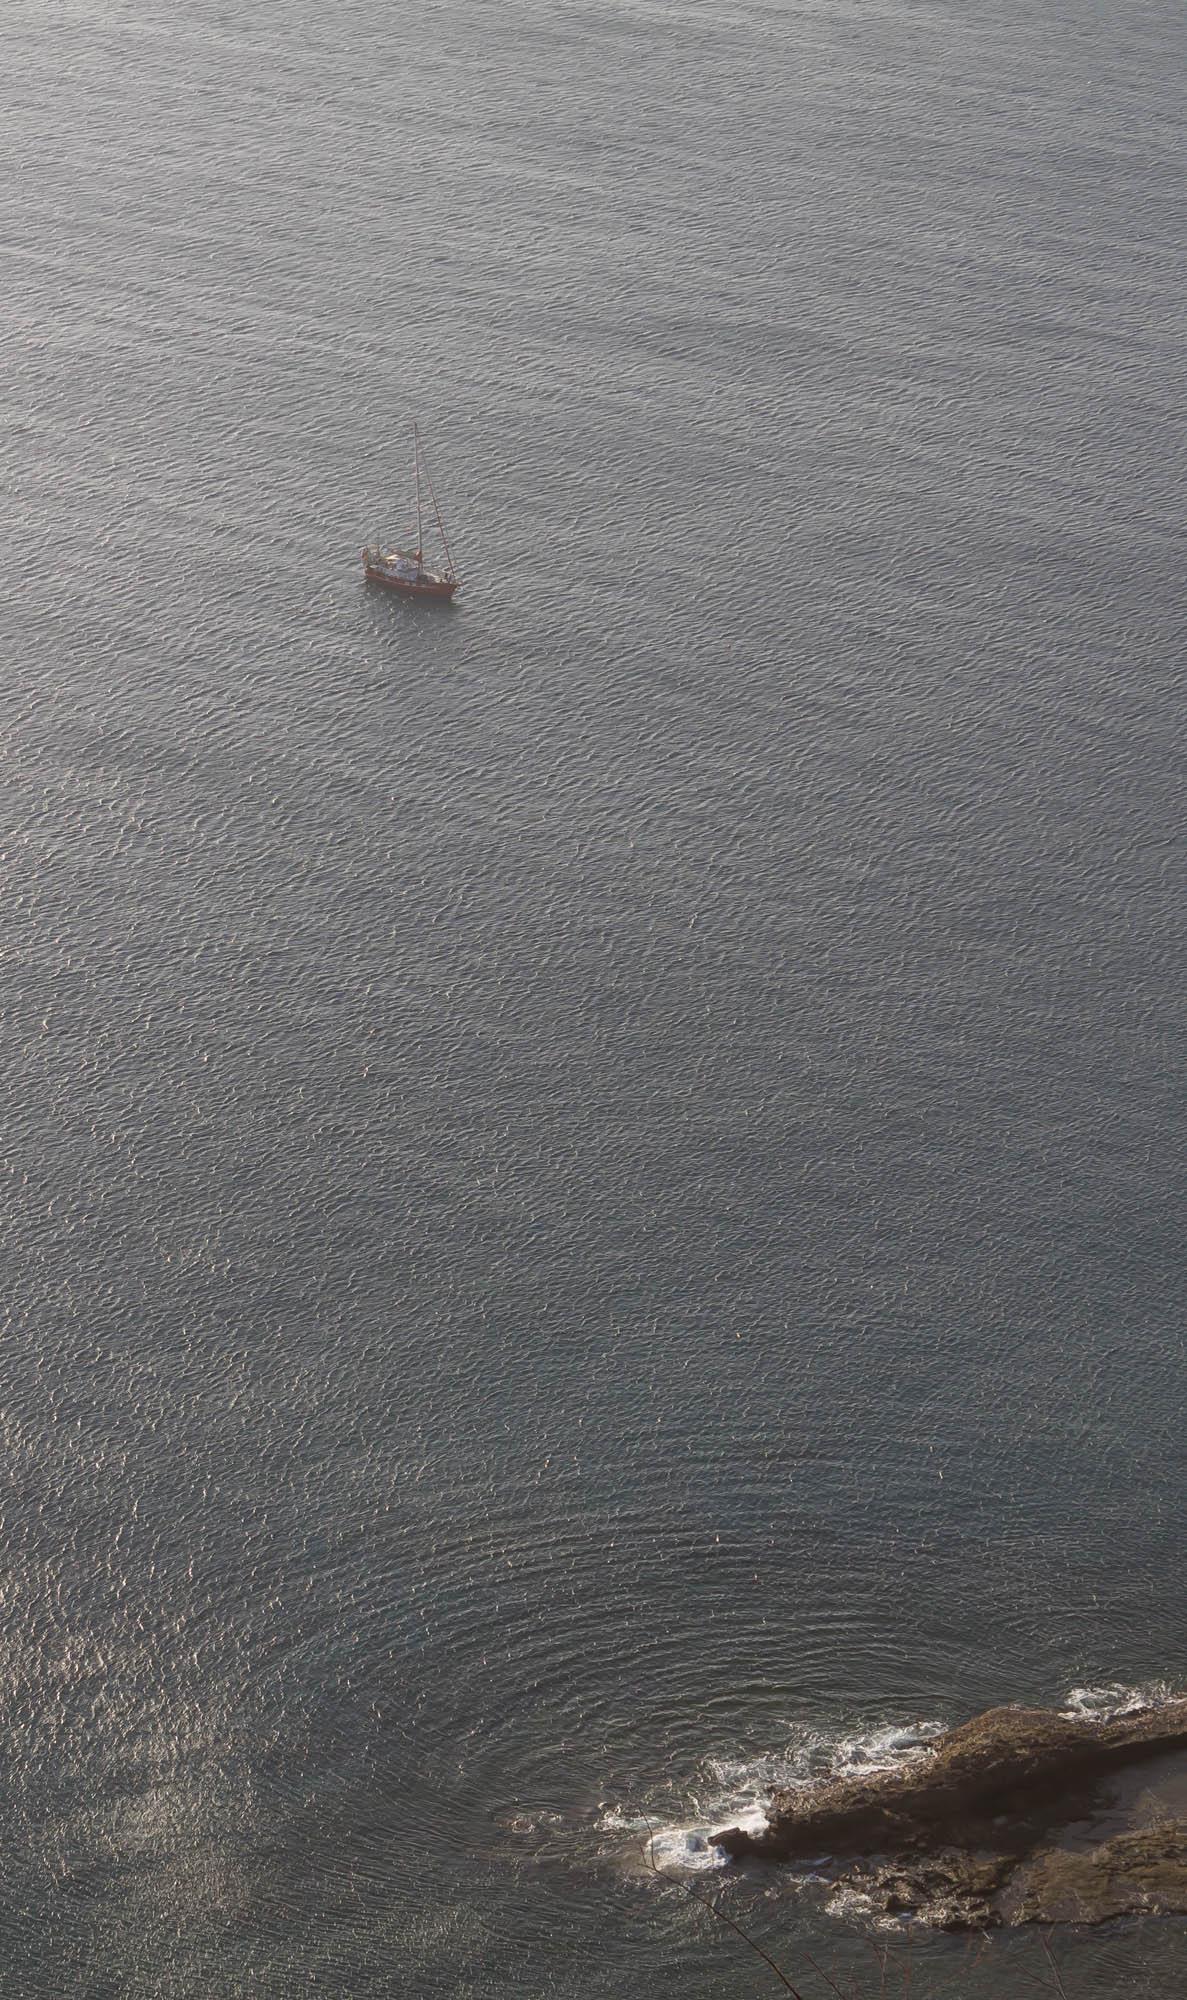 Ship-9568